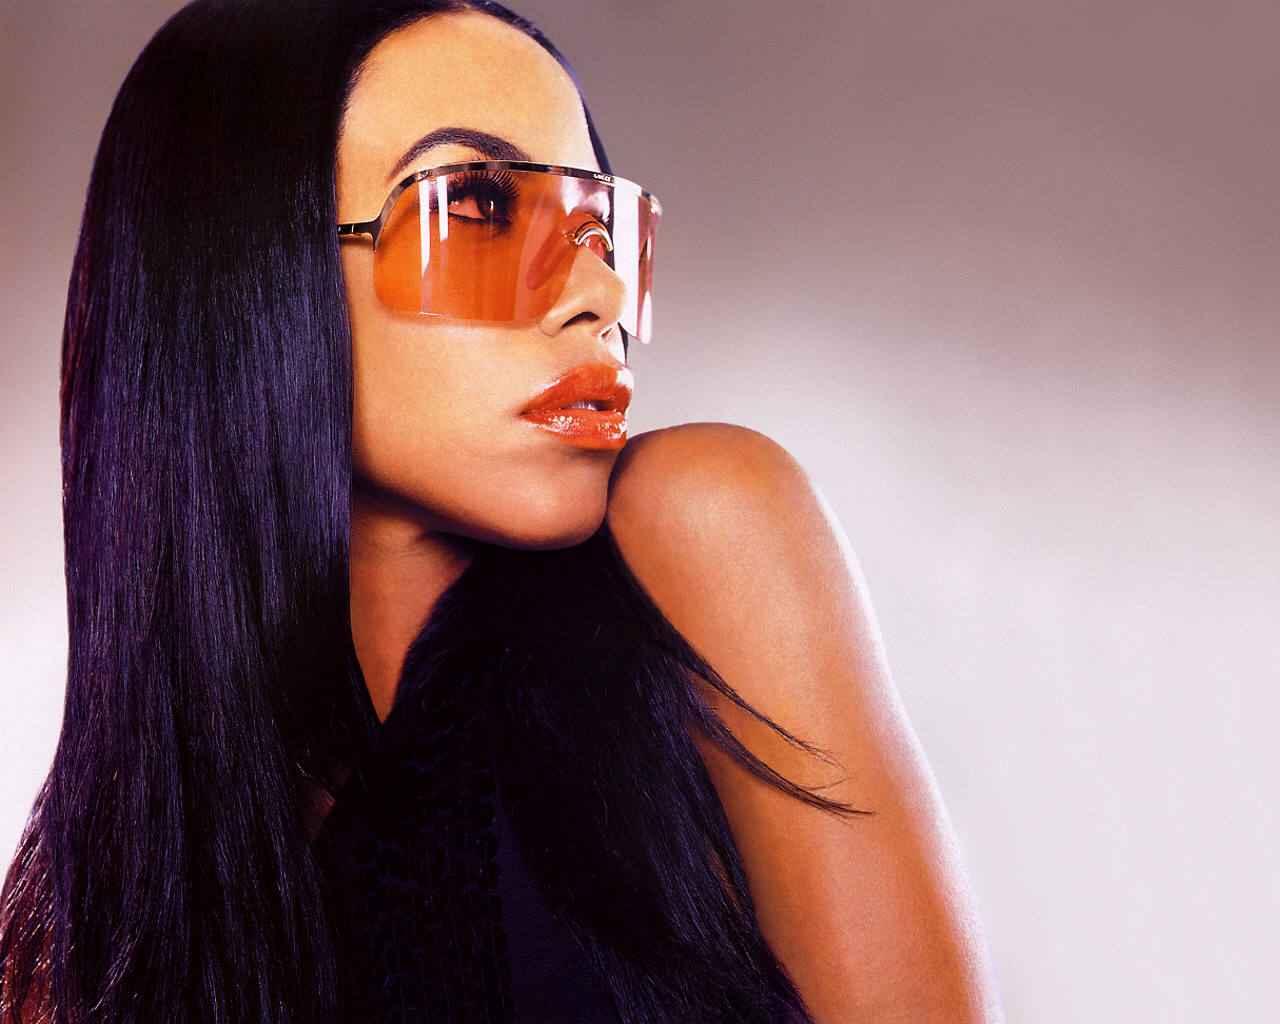 http://4.bp.blogspot.com/-Xy89xYrMbP0/Tlb7mirJ_gI/AAAAAAAABNQ/WPJGQ6blAEU/s1600/Aaliyah_20_1280x1024_International_Star_Singer_Wallpaper.jpg